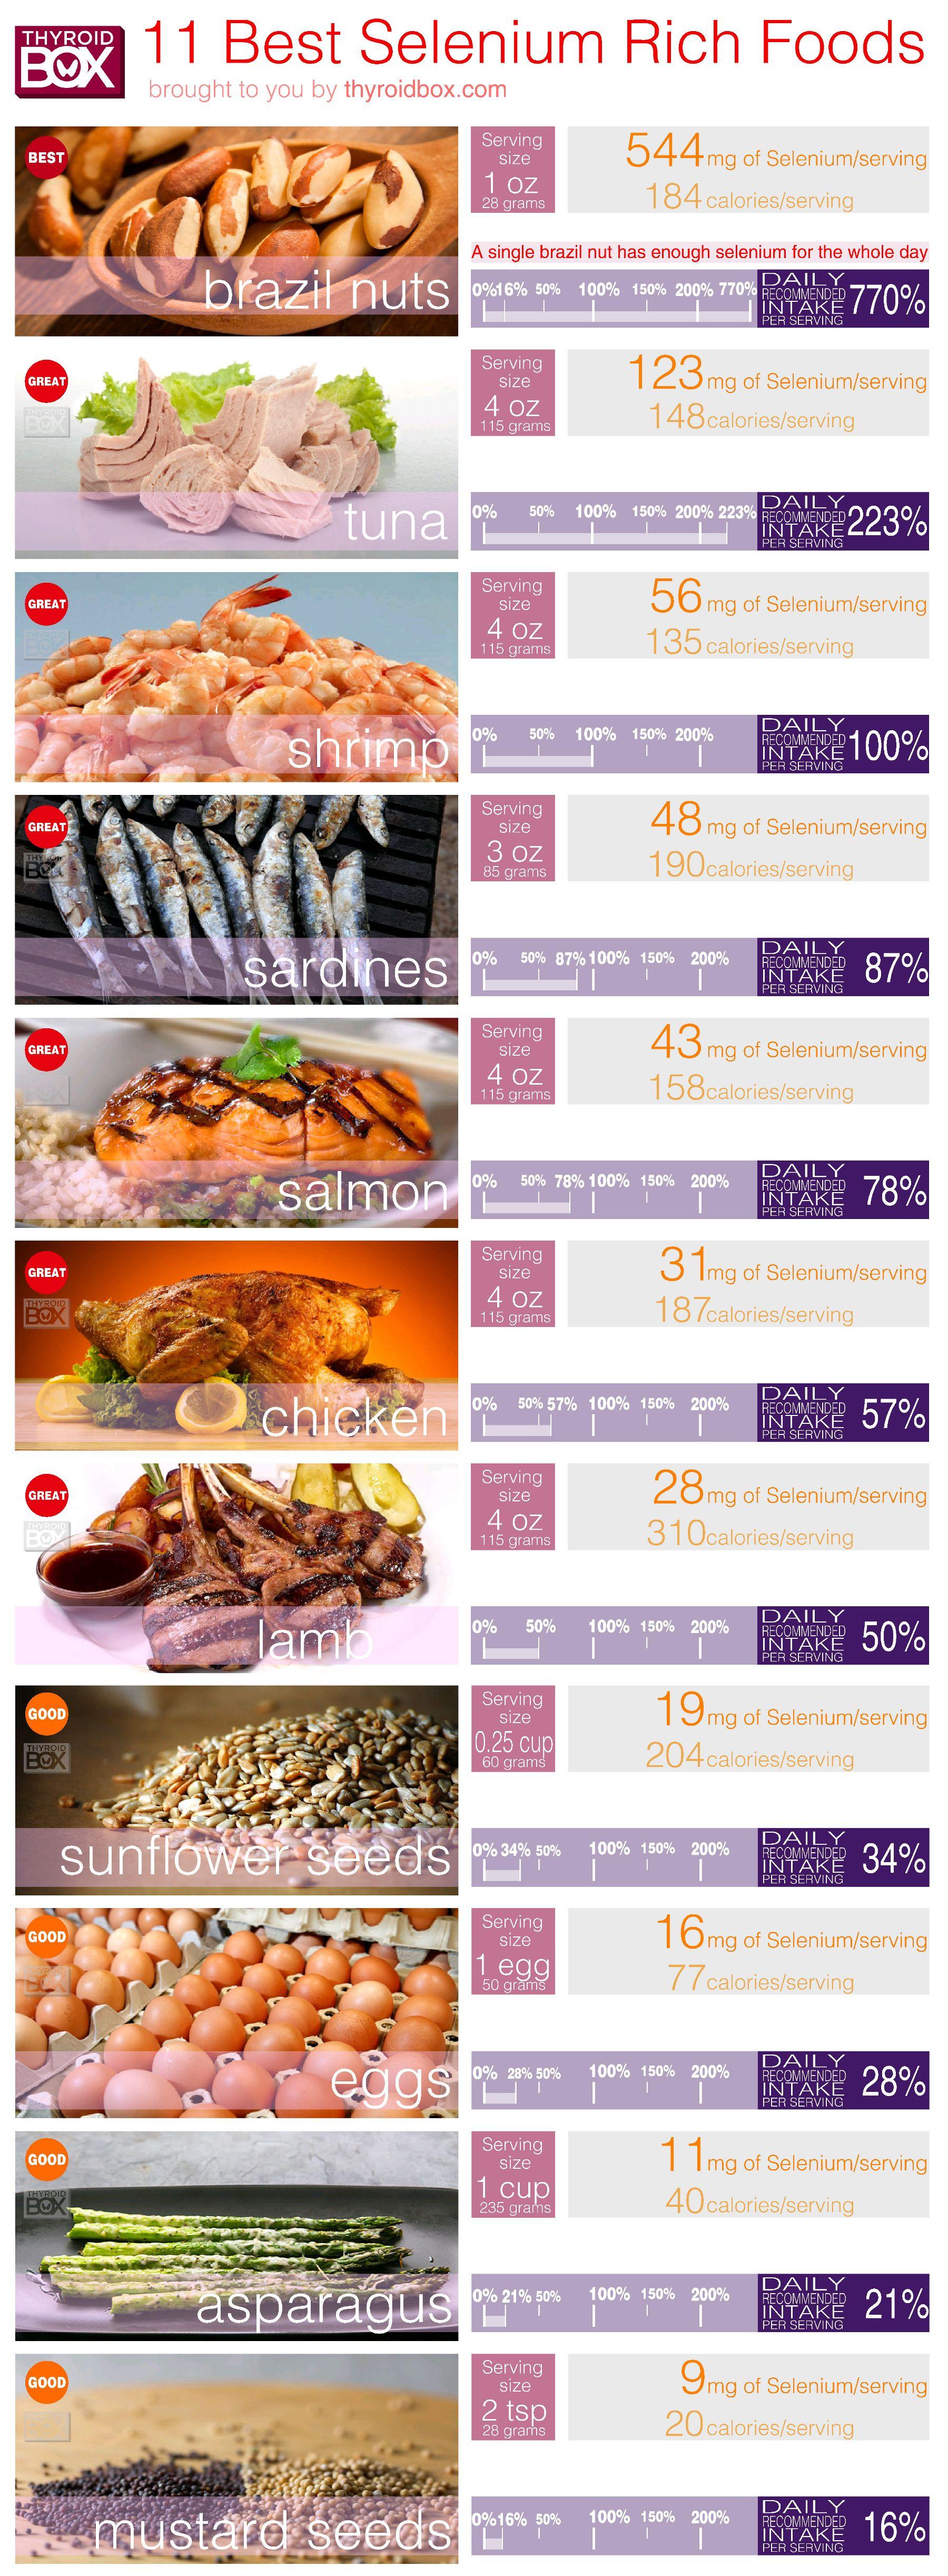 11 Best Selenium Rich Foods